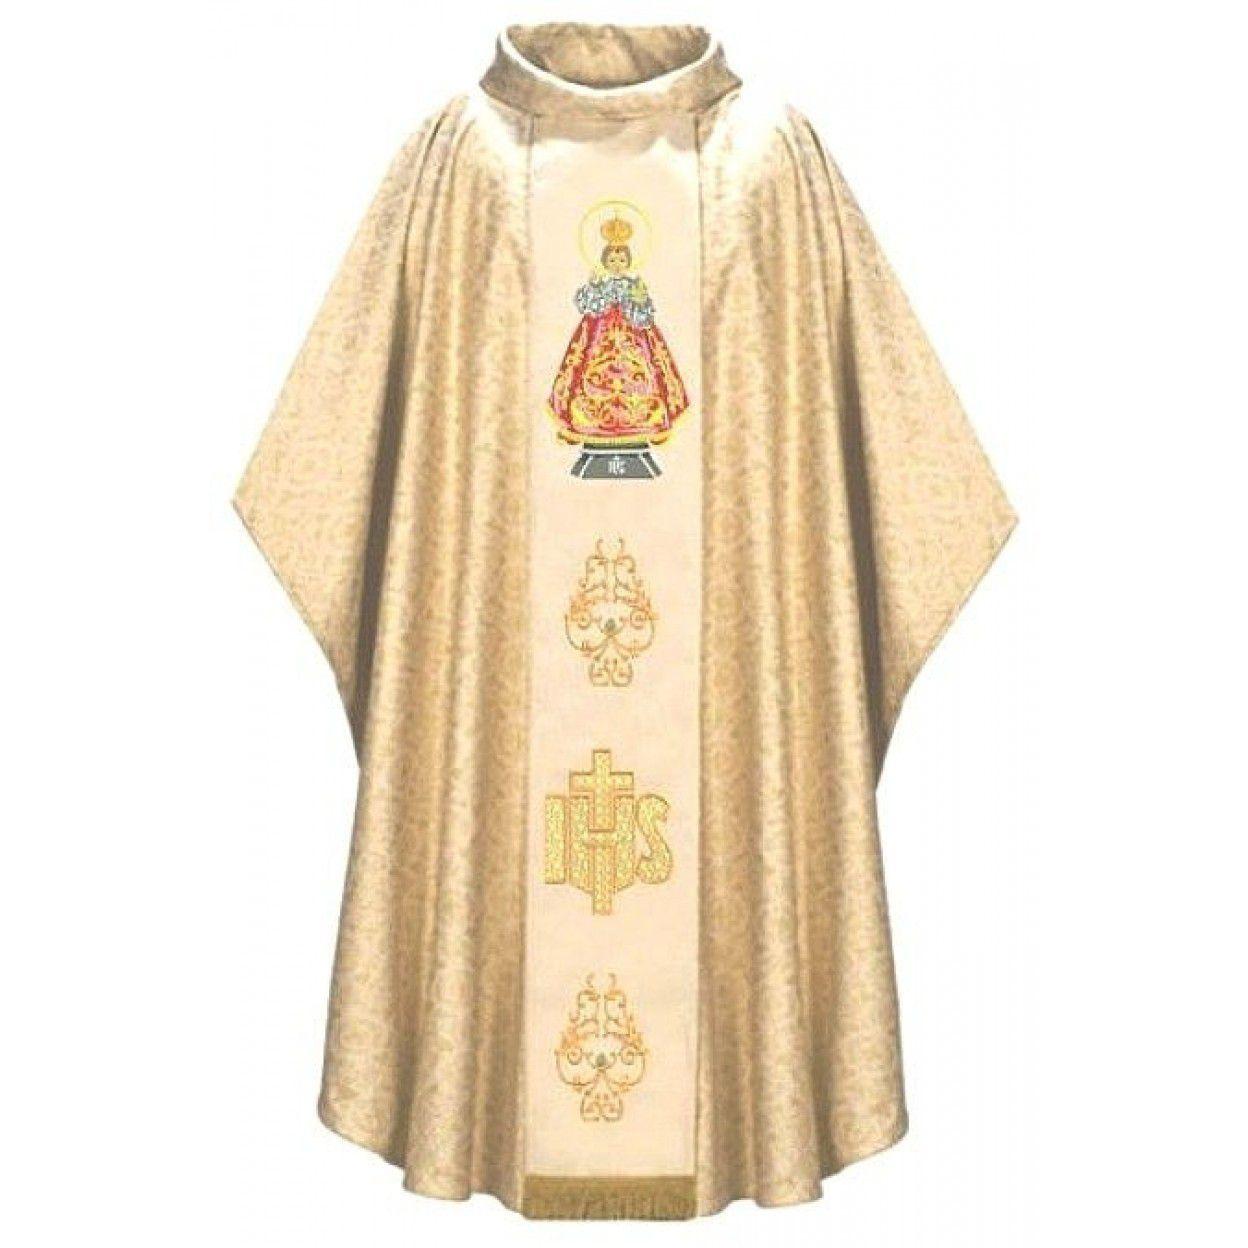 CASULA MENINO JESUS DE PRAGA